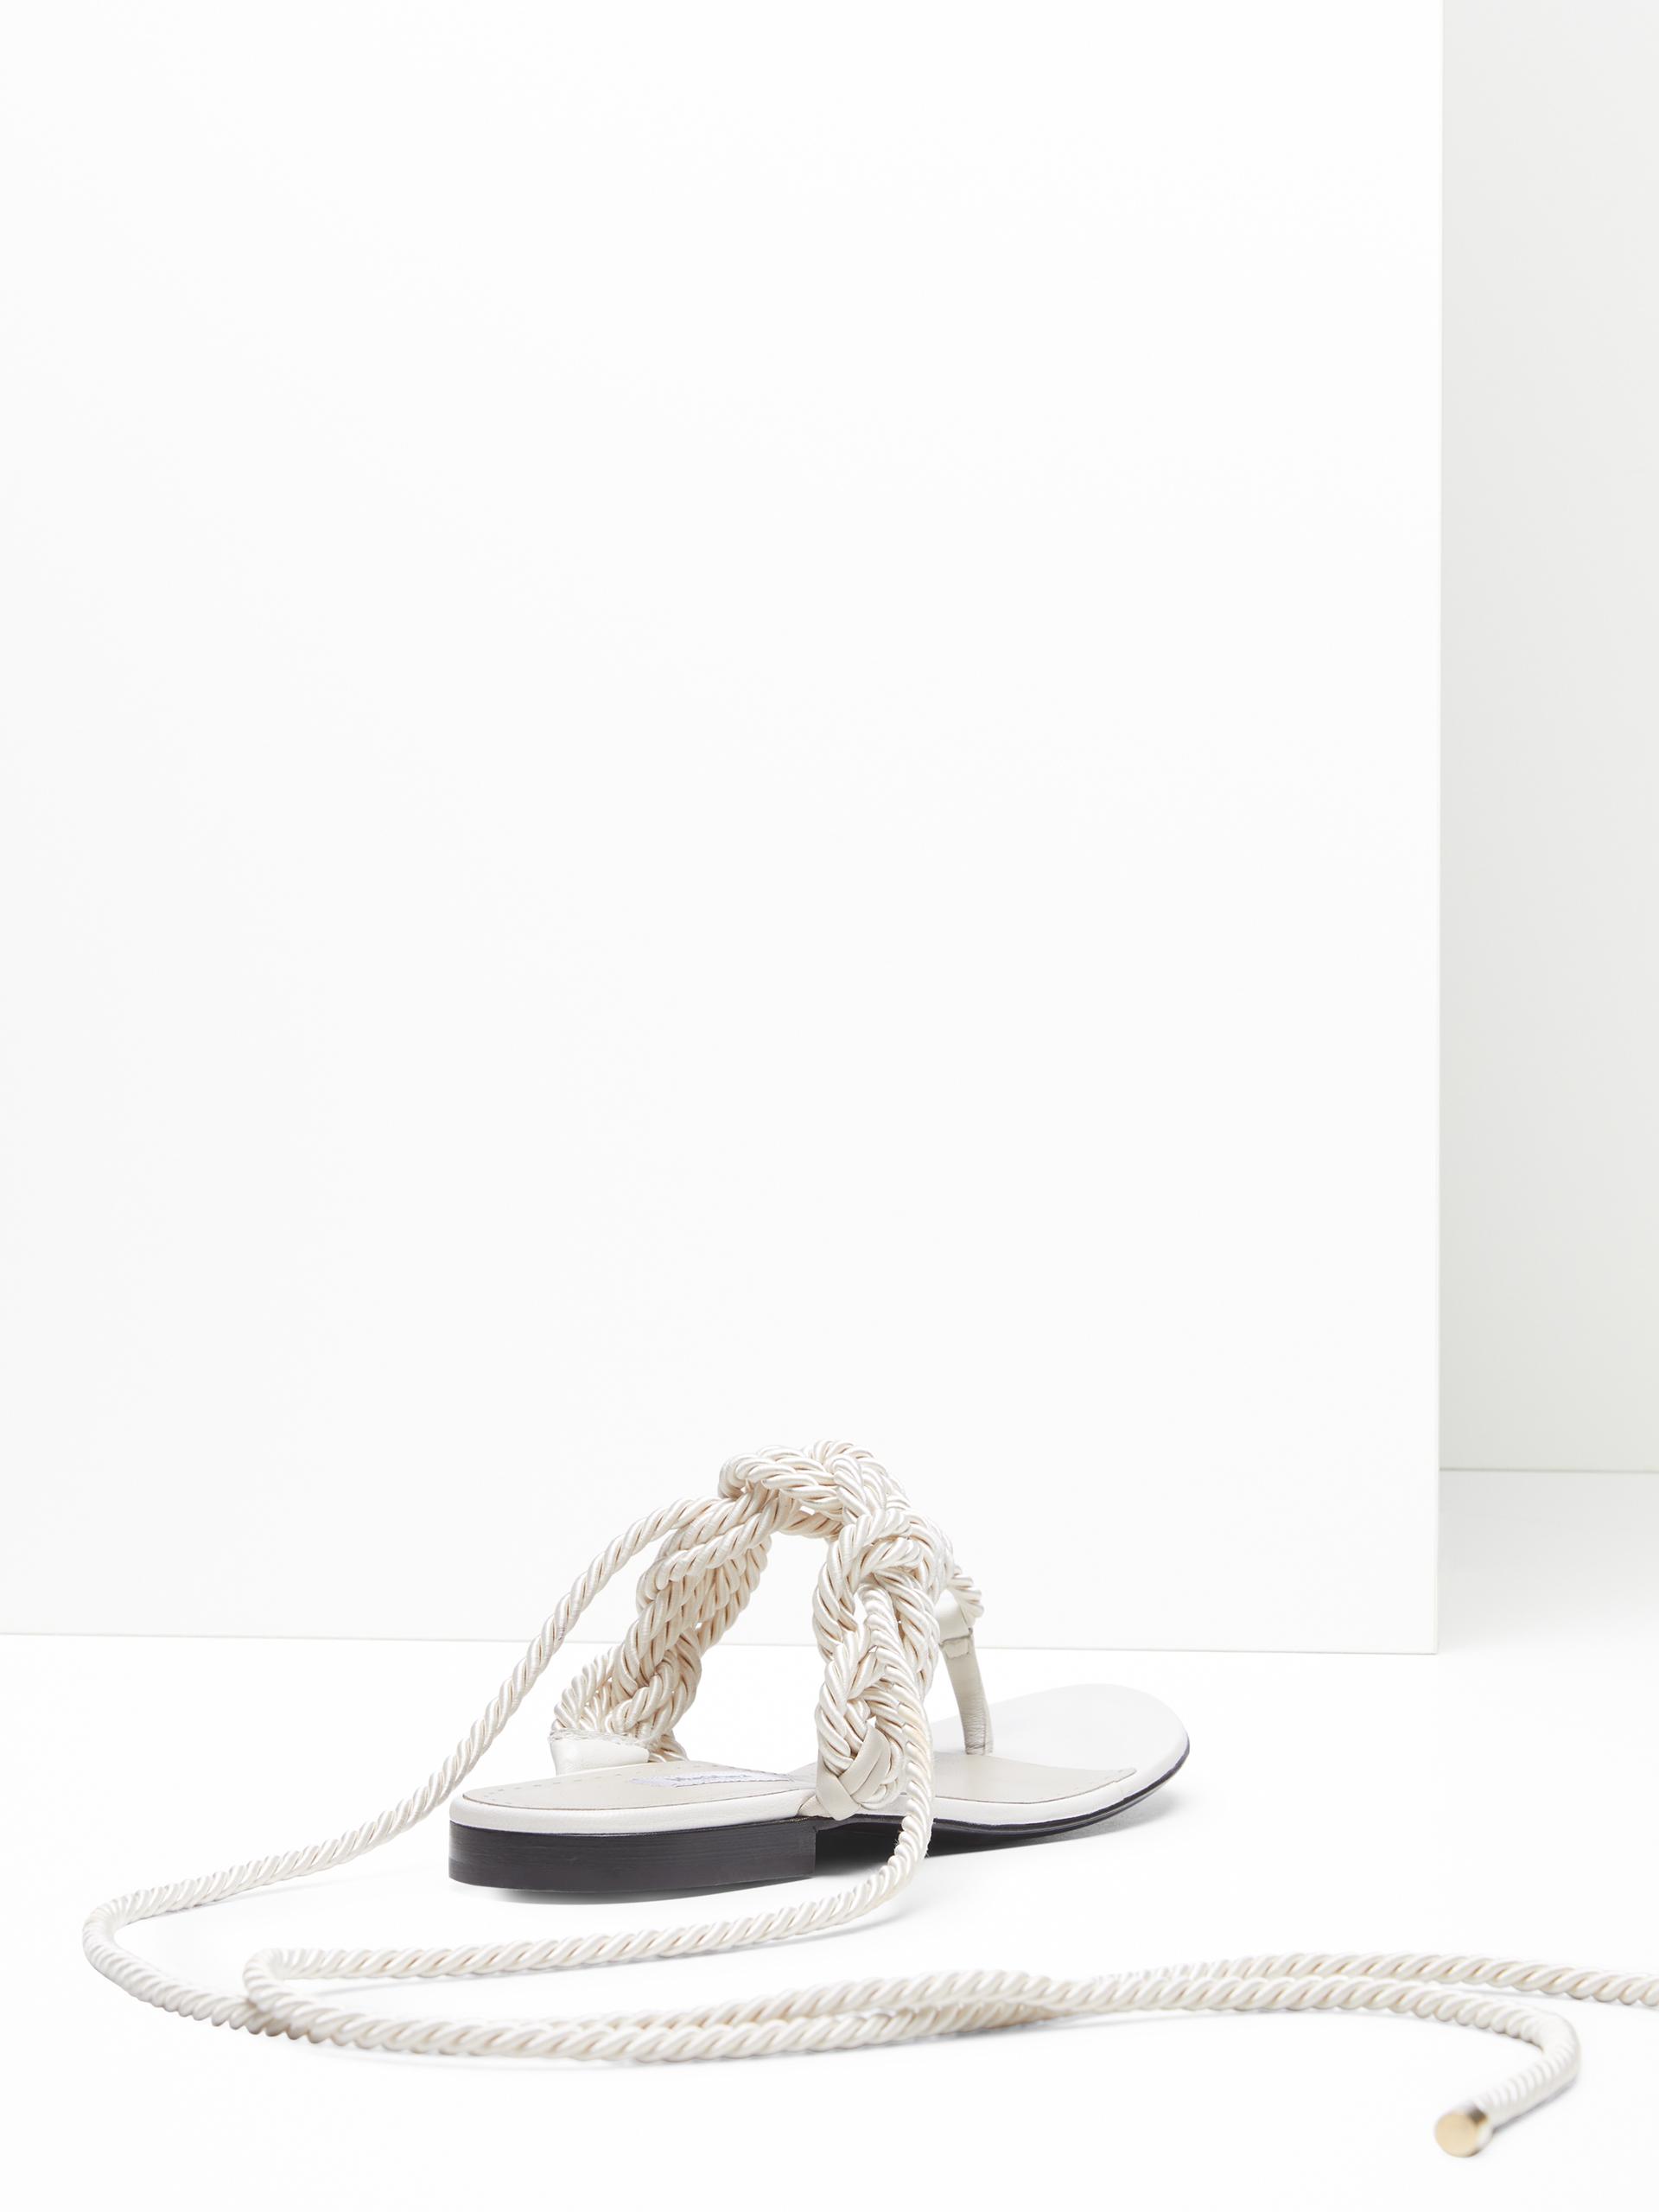 Basse Scarpe Basse Intrecciata Sandalo Sandalo Gioiello Scarpe nwmNv80